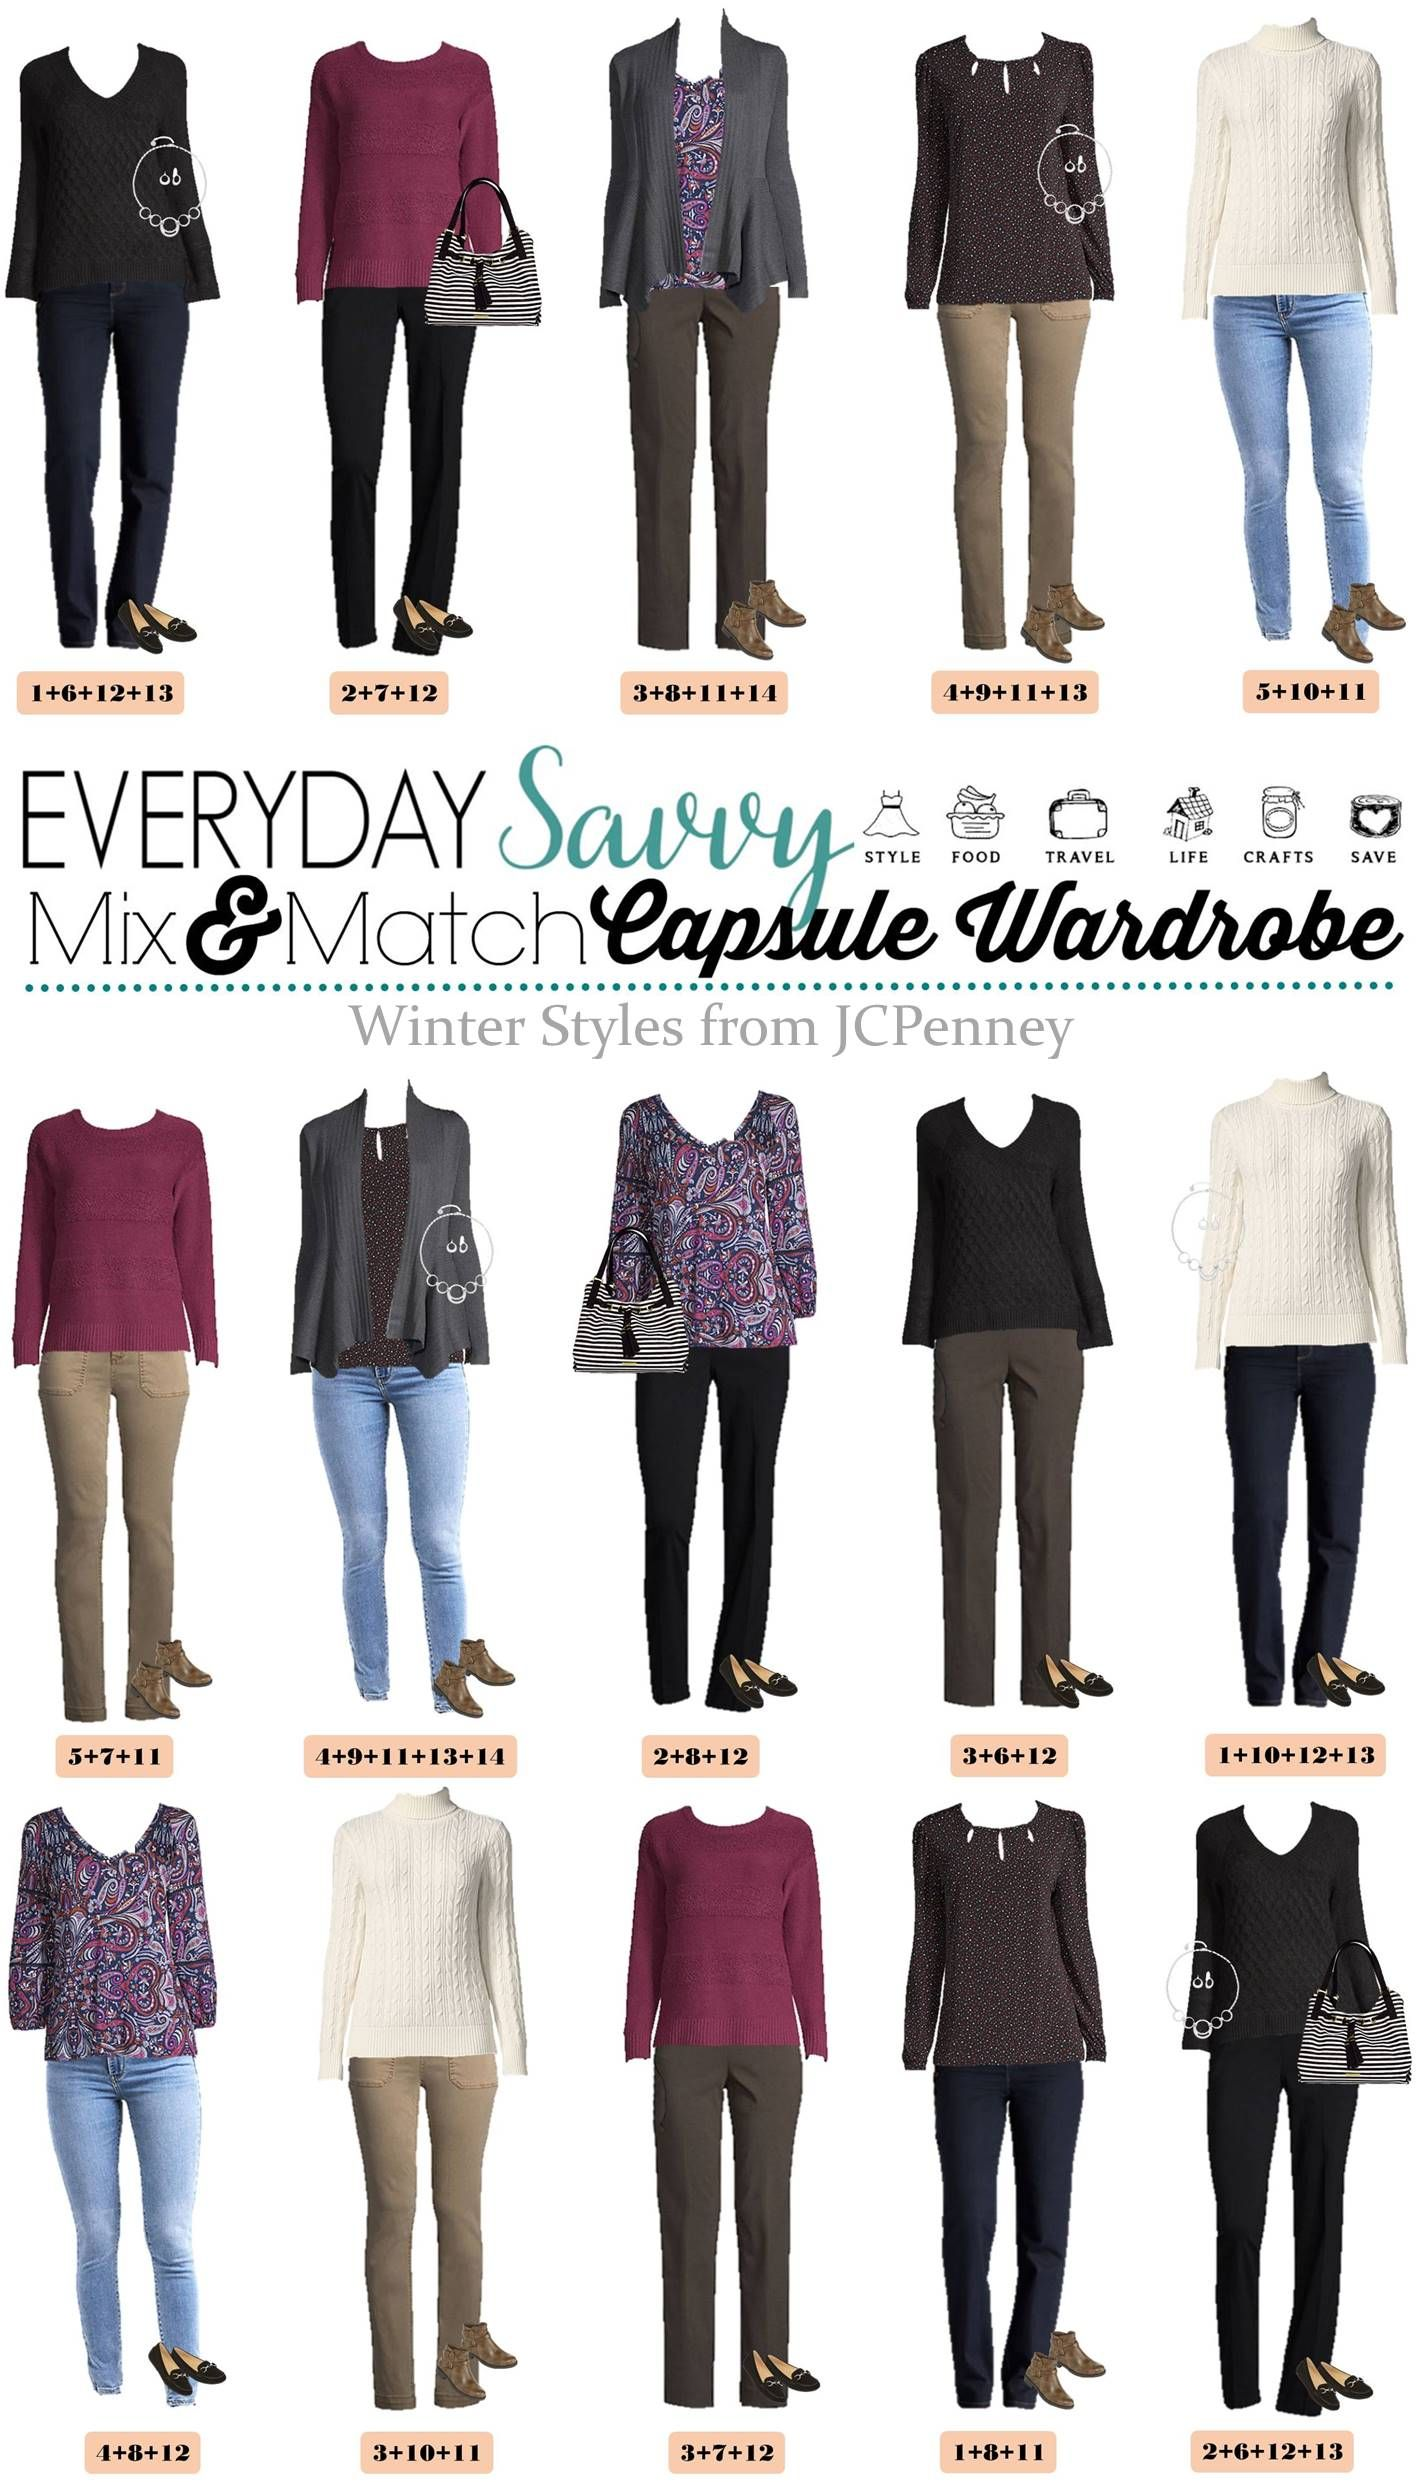 3d74da2de4b Cute Winter Outfit Ideas From JCPenney